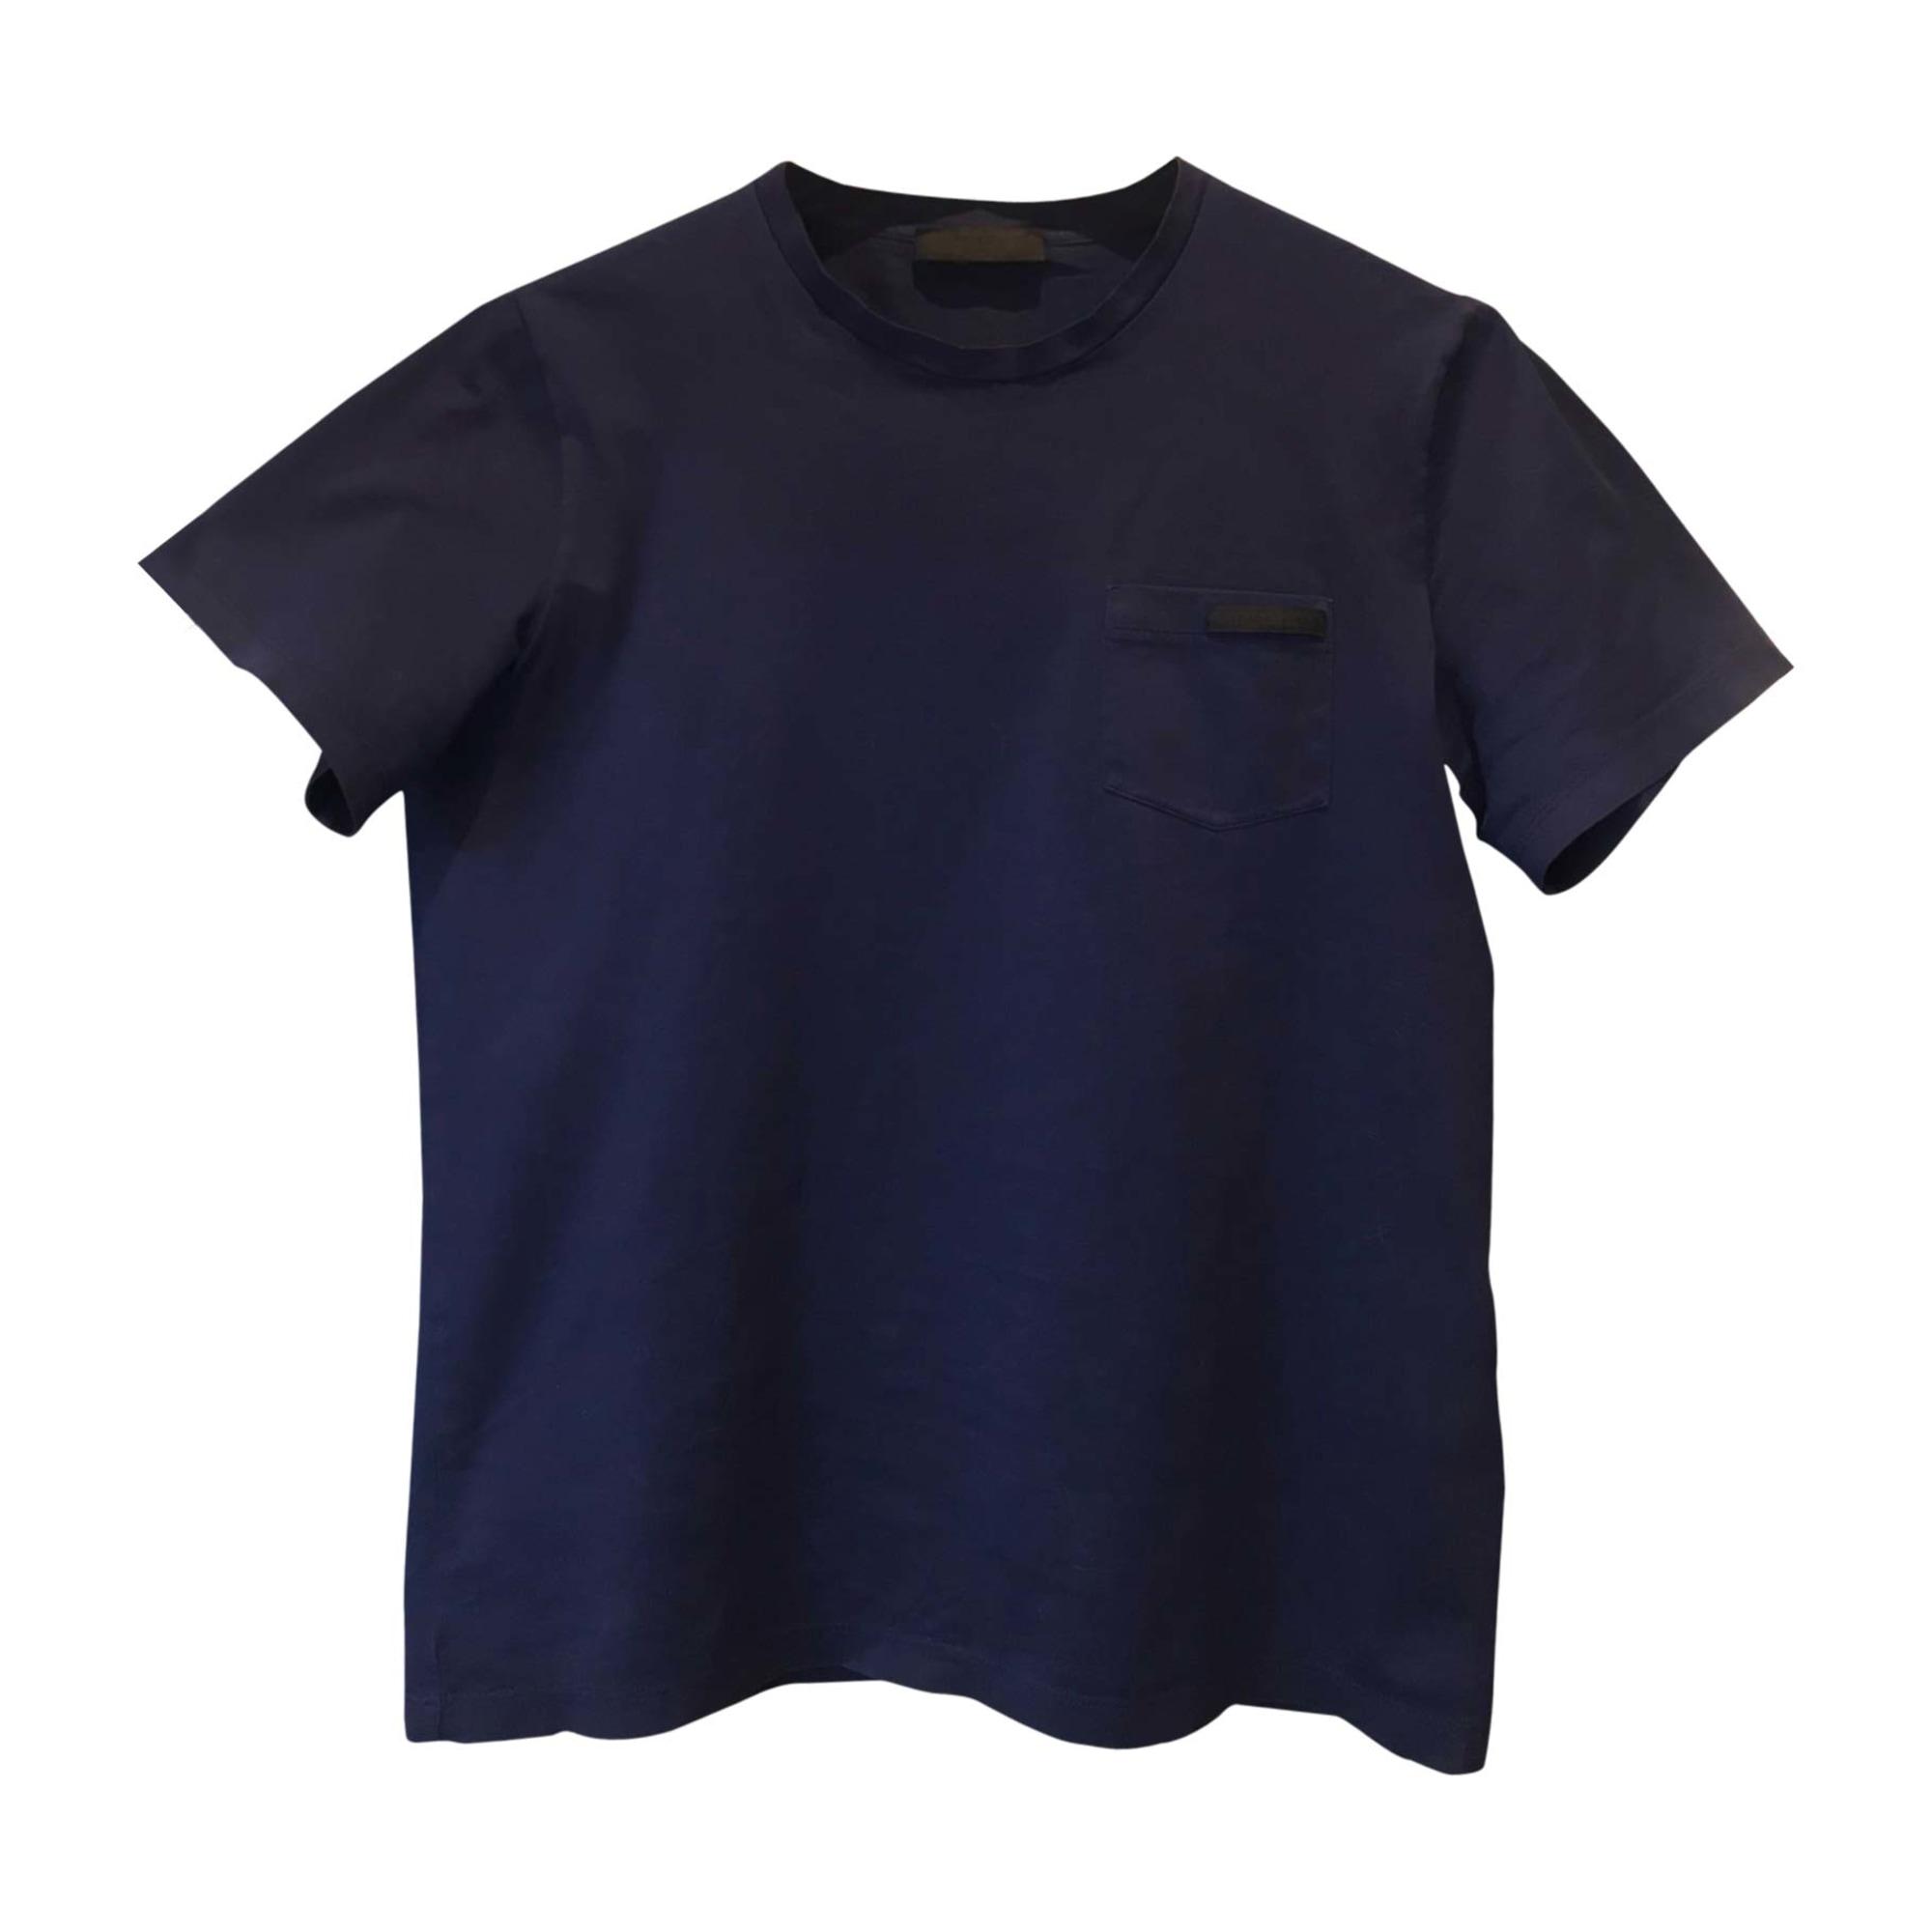 Tee-shirt PRADA Bleu, bleu marine, bleu turquoise